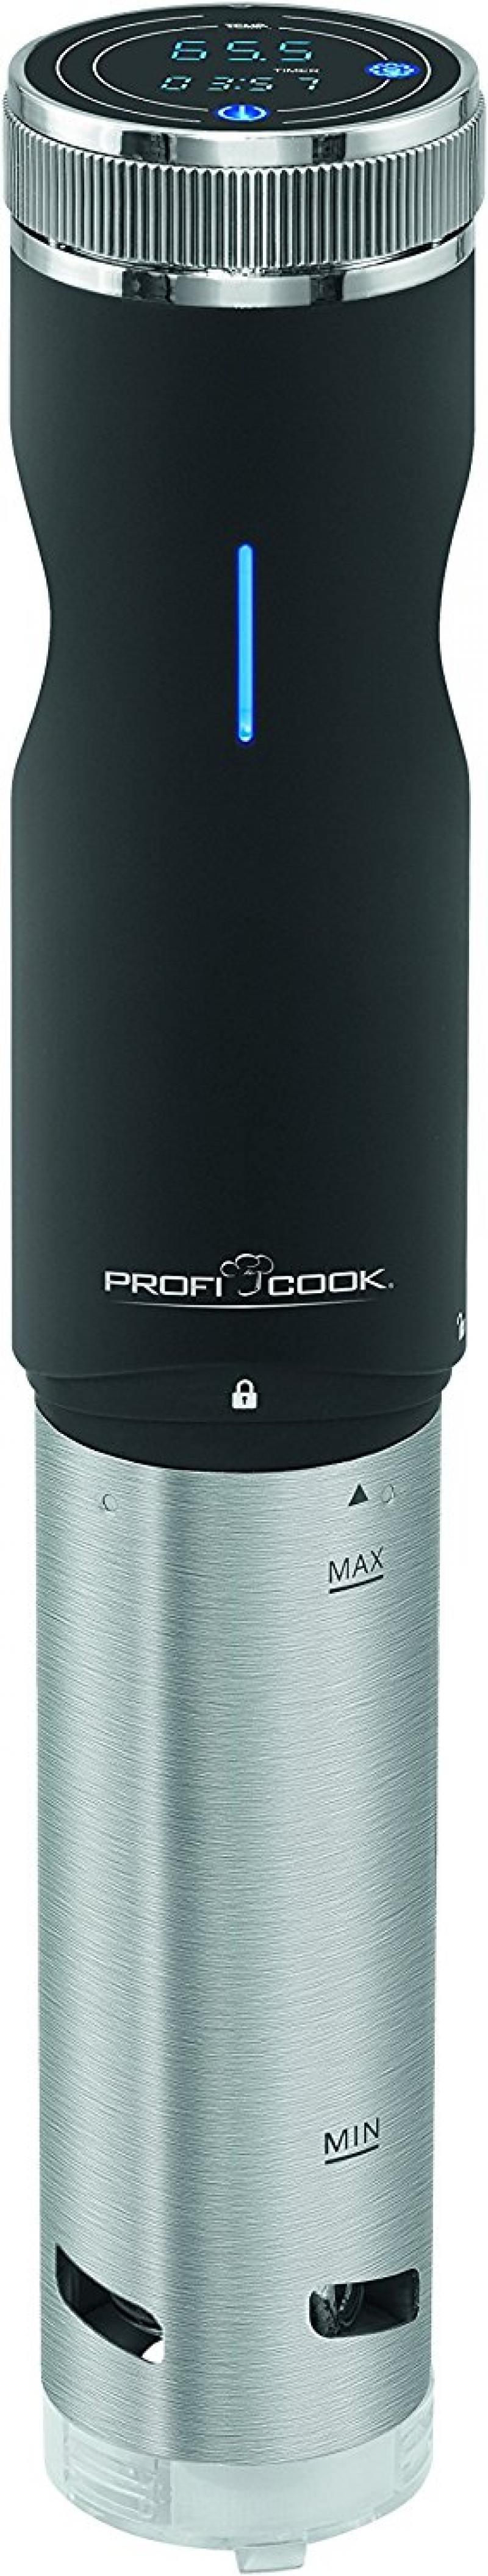 Су вид Profi Cook PC-SV 1126 су вид proficook pc sv 1112 серебристый черный 520 вт 8 5 л